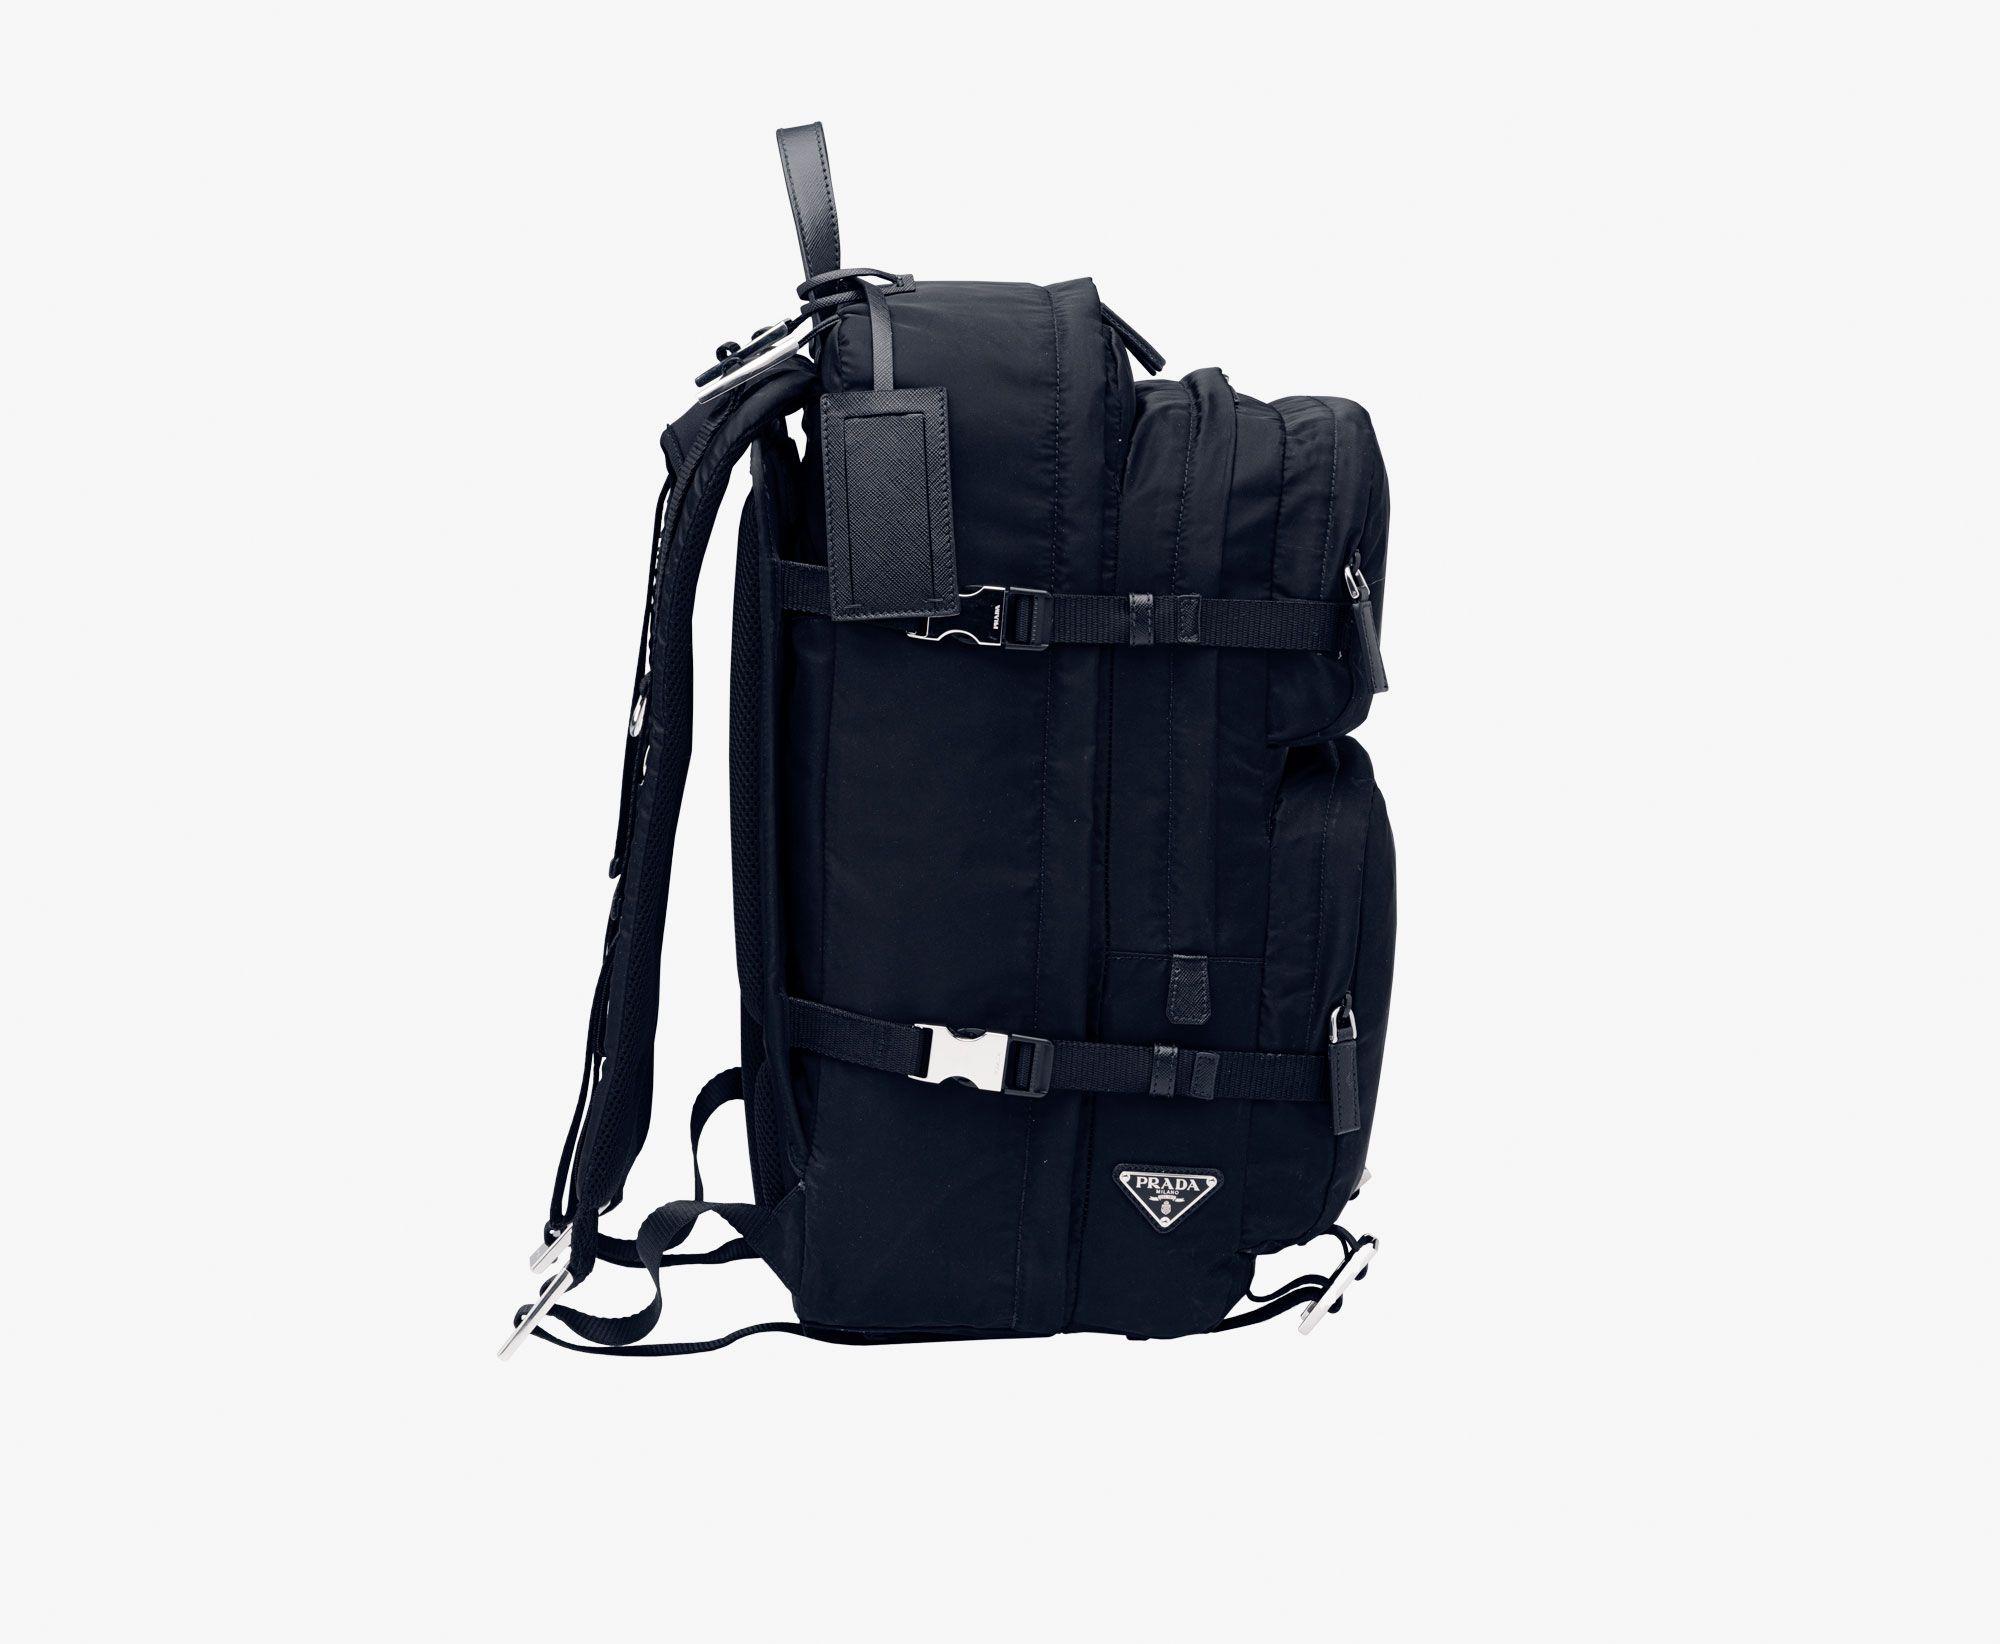 2VZ001_973_F0008_V_OOO backpack - New-arrivals - Man - eStore | Prada.com